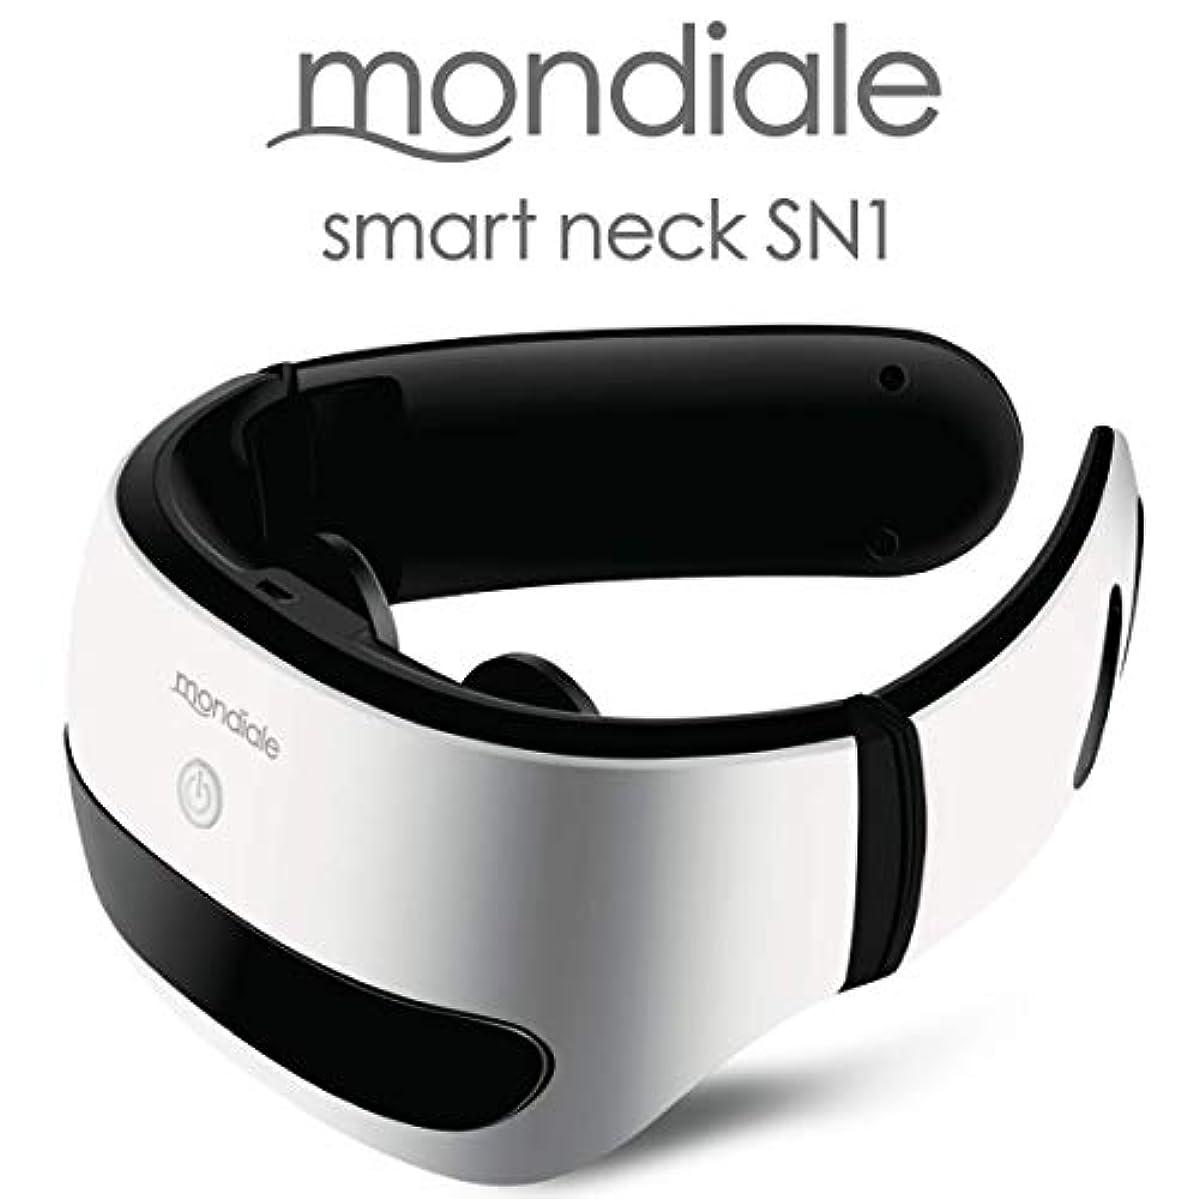 ラオス人放棄するマーティンルーサーキングジュニアモンデール スマートネック SN1 mondiale smart neck SN1